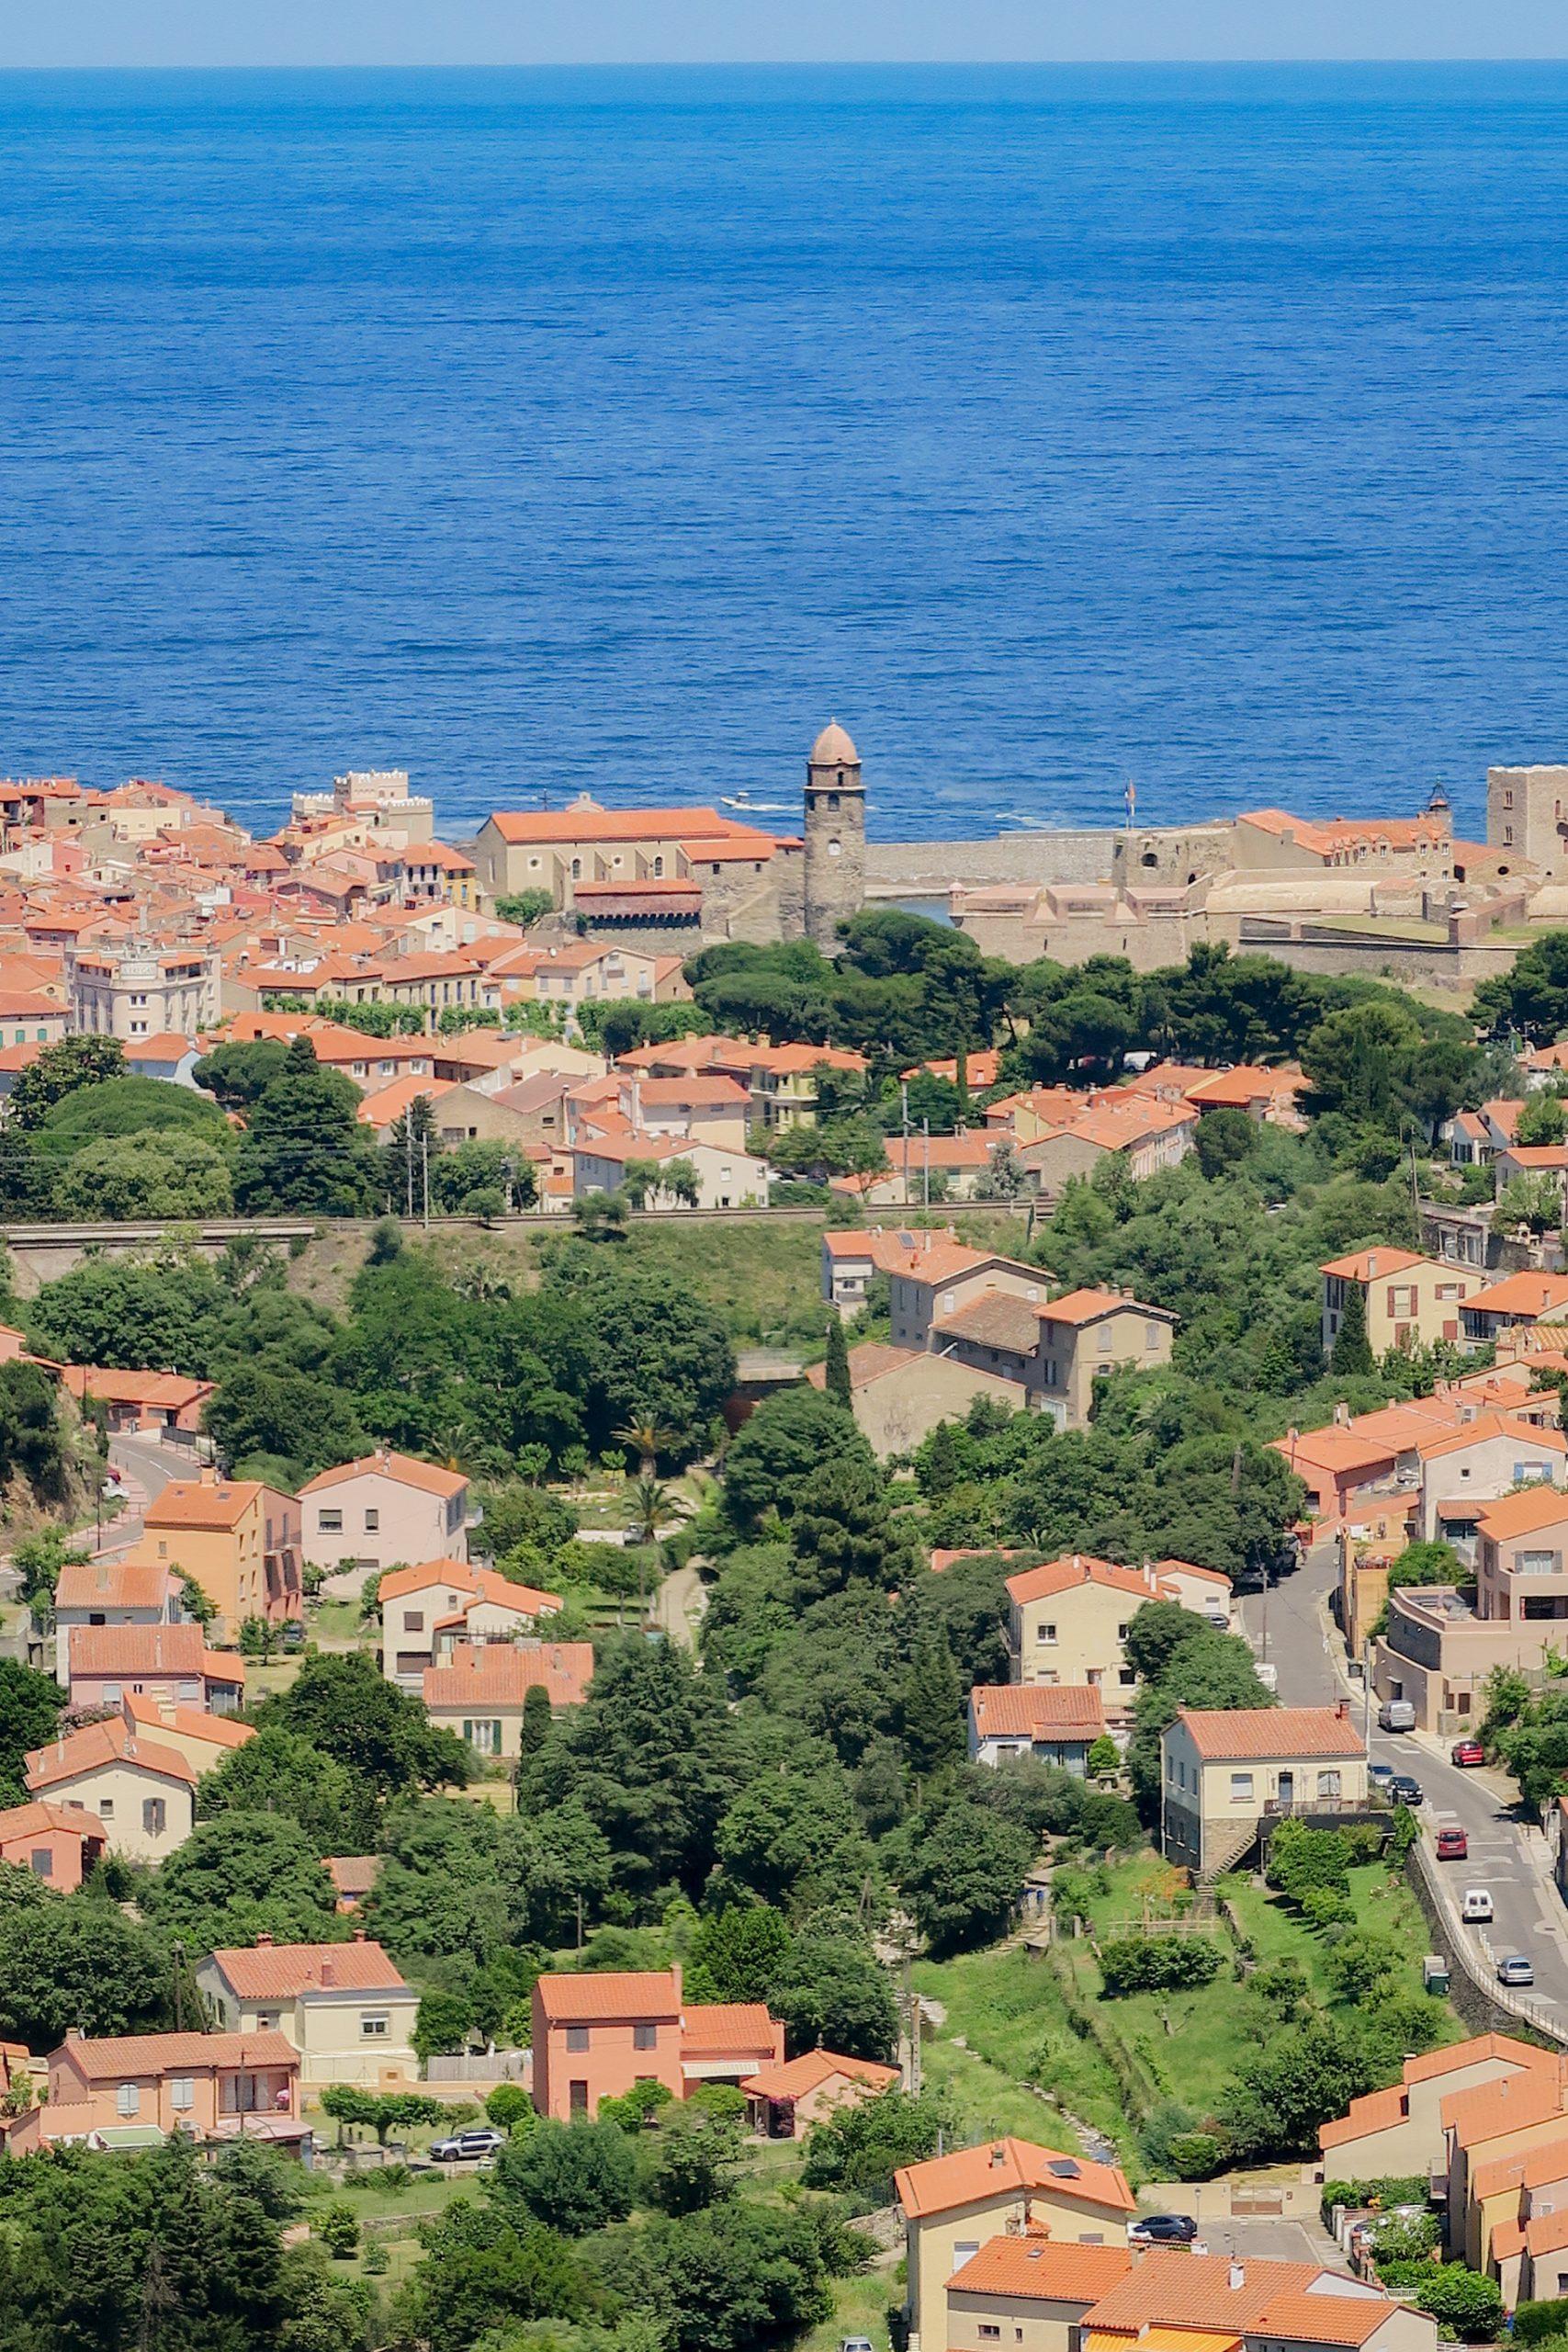 Vue sur Collioure depuis le sentier de la tour de Madeloc